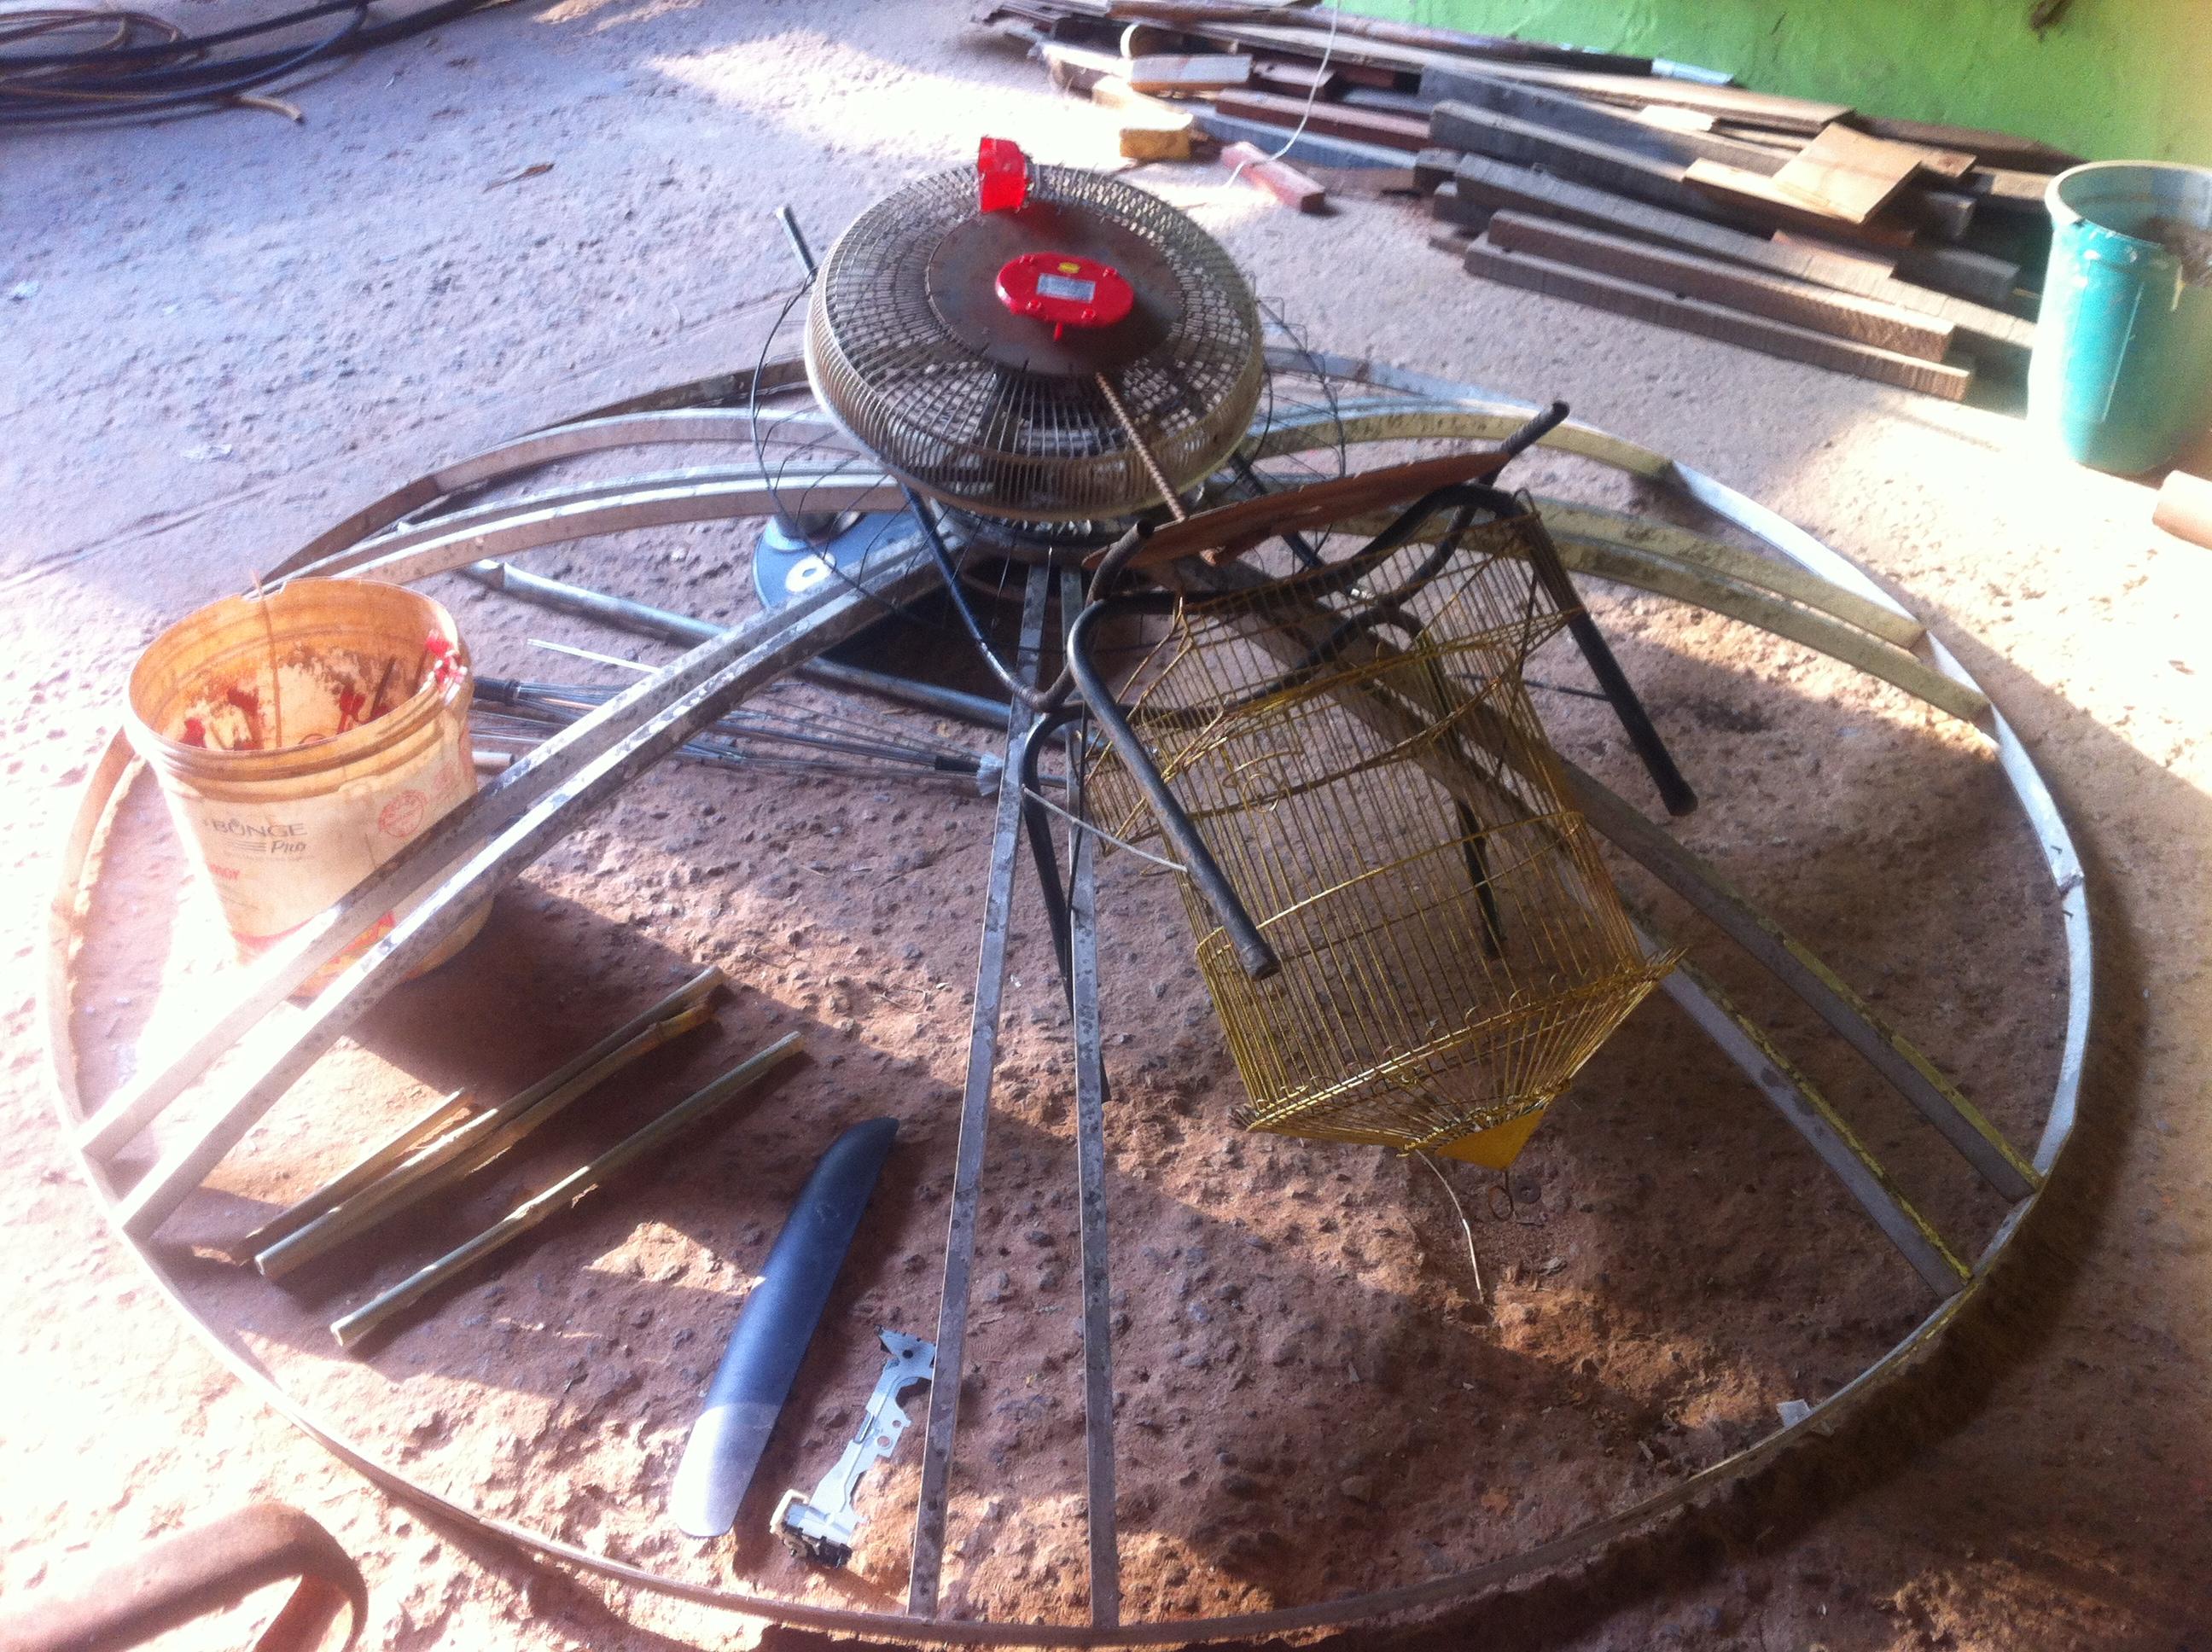 aranha-formiga nascendo